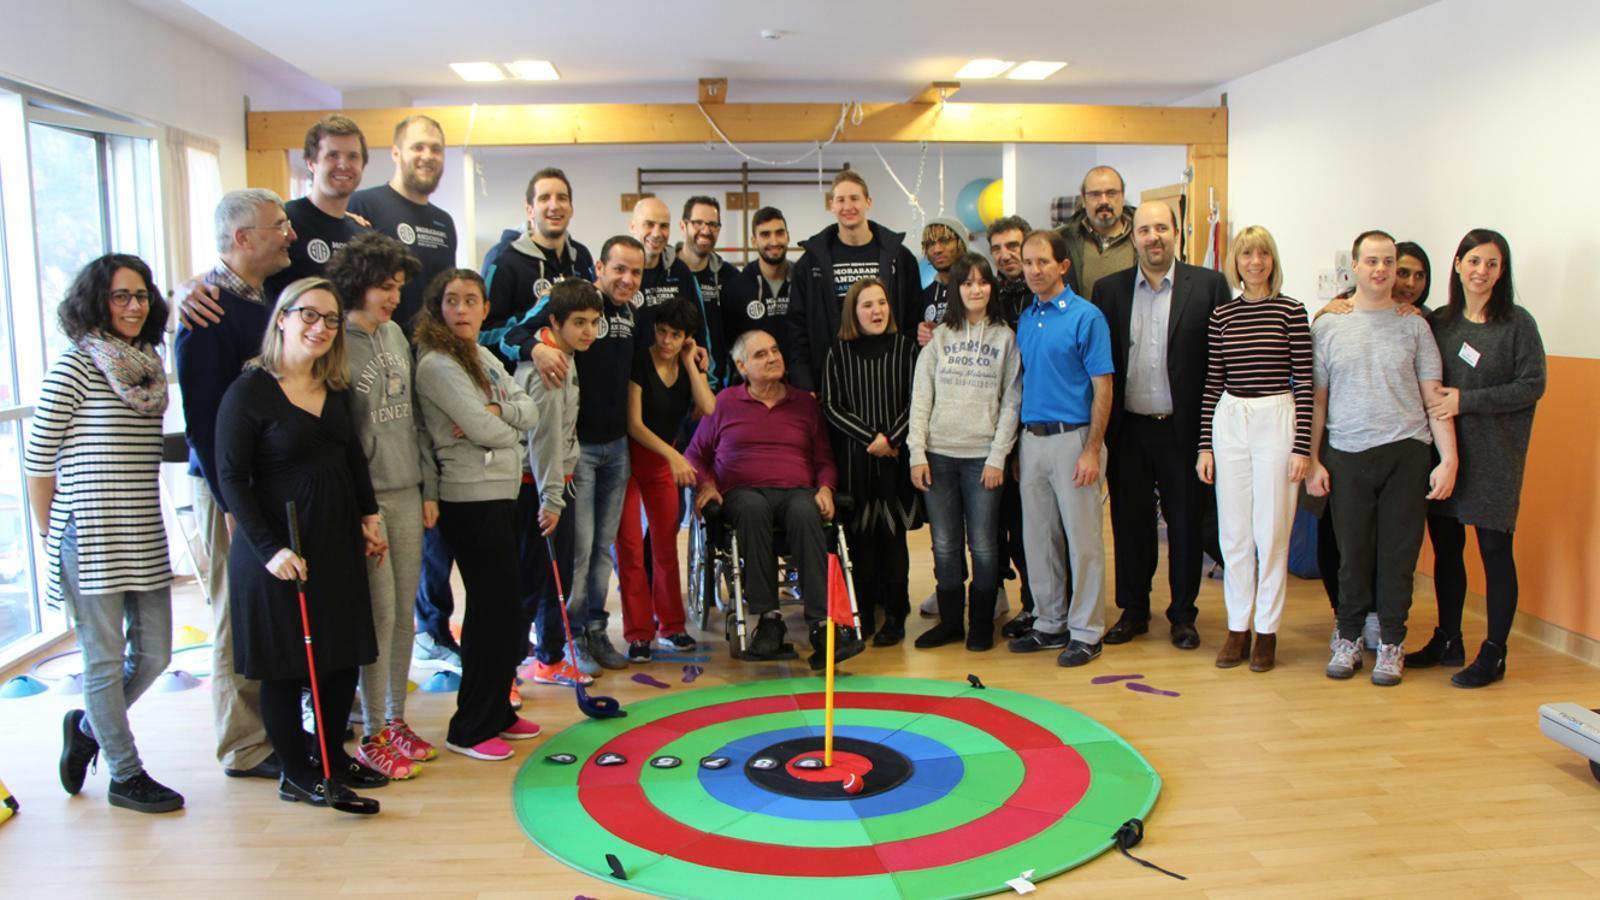 Foto de família dels jugadors del MoraBanc Andorra i usuaris de l'EENSM amb el nou equipament de golf del centre. / L. M. (ANA)